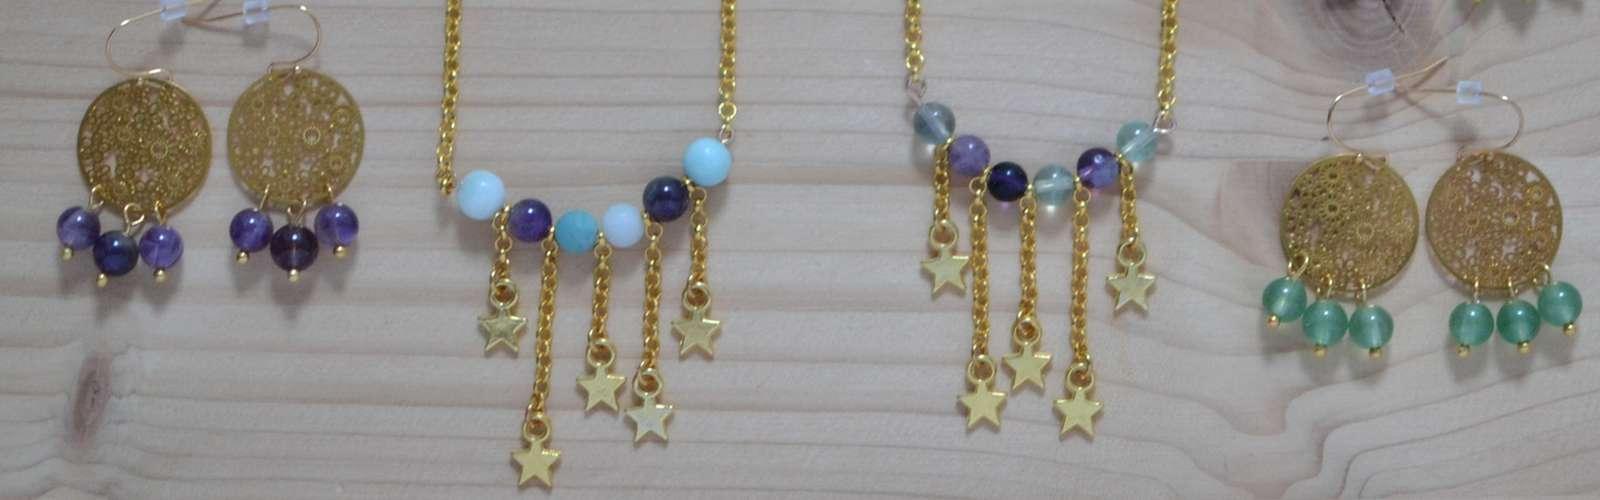 Collection de bijoux dorés et perles de gemme #BDJ146